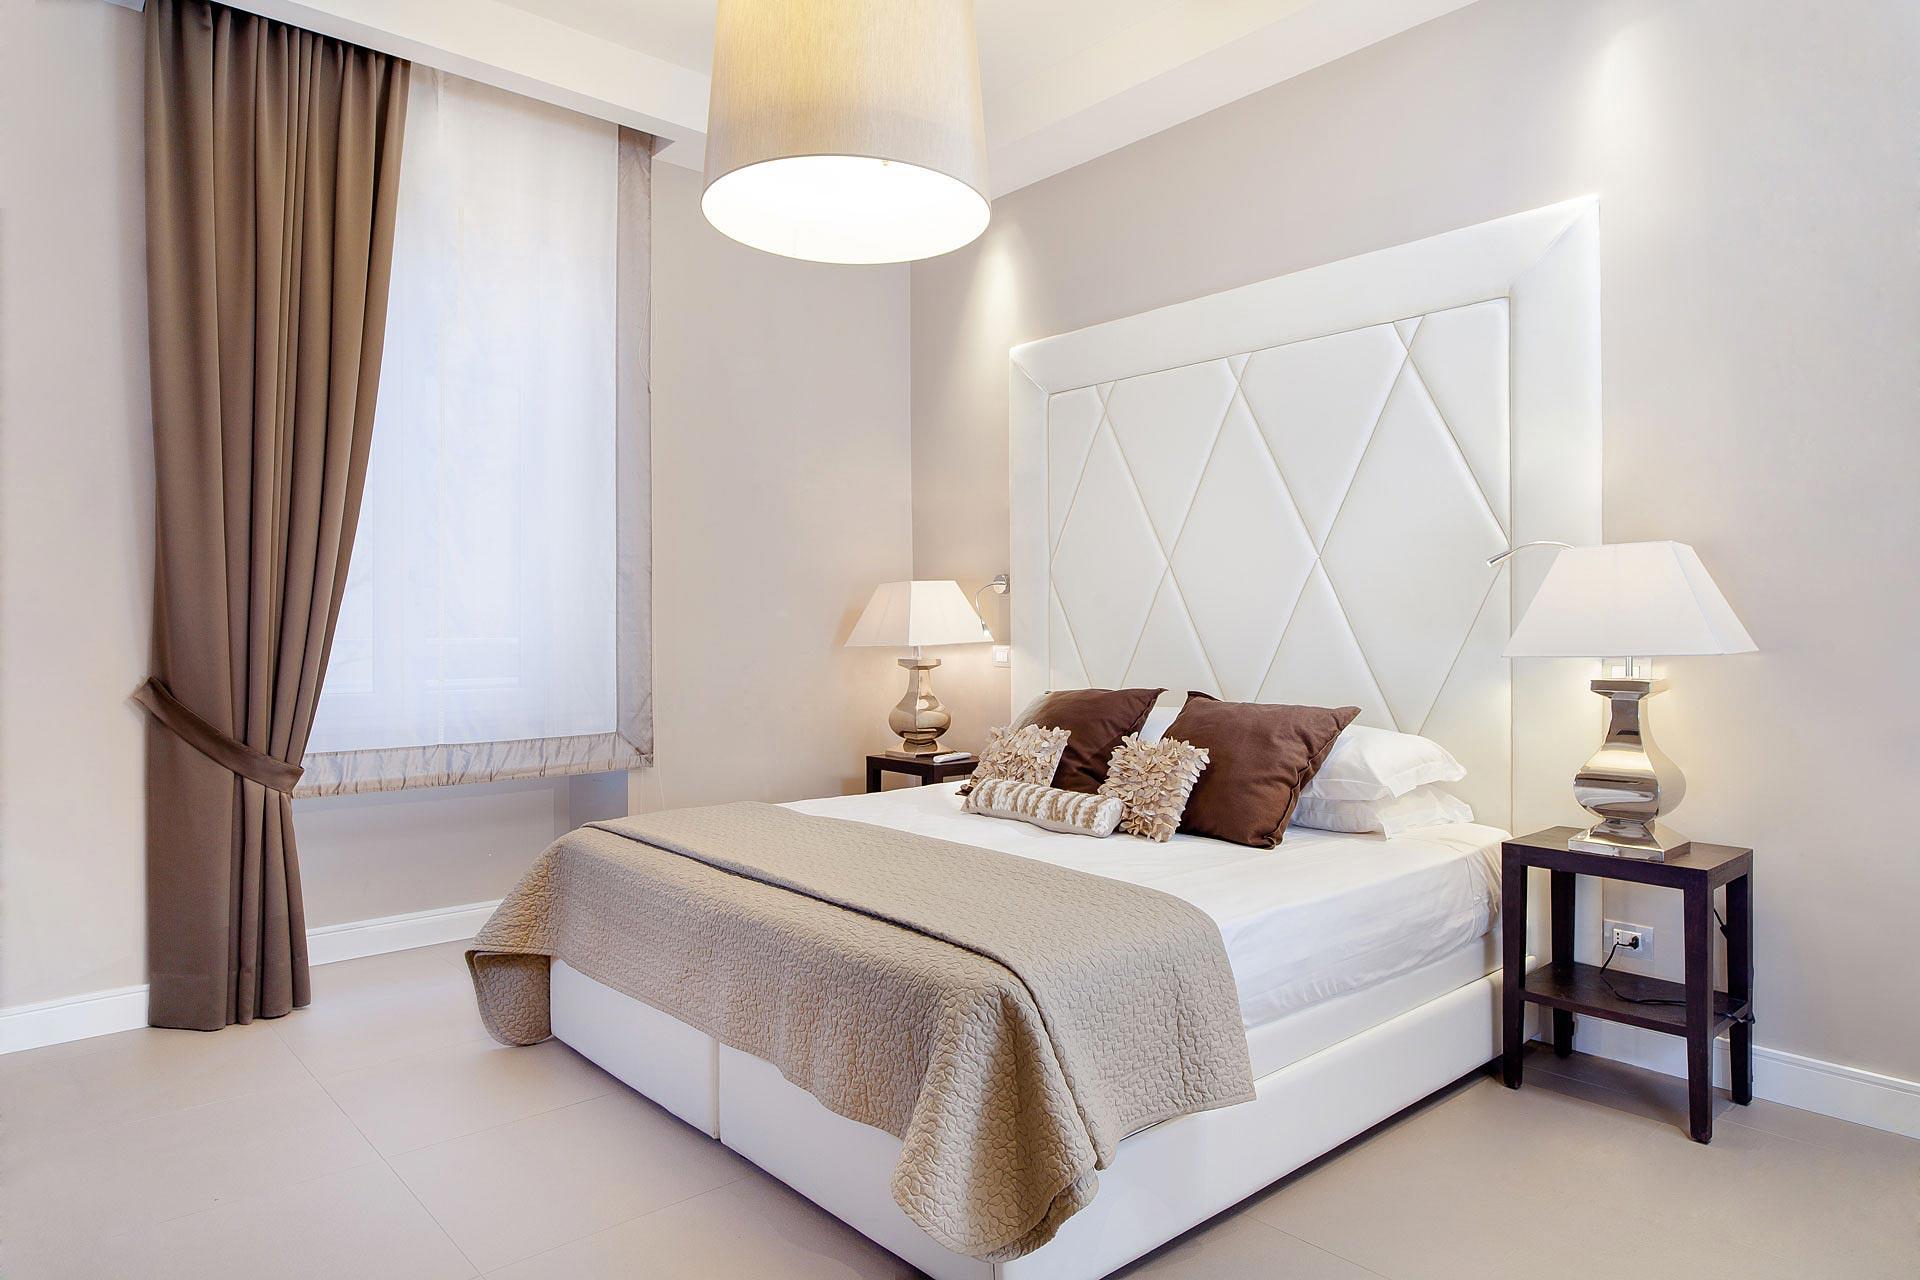 foto-albergo-roma-fotografo-architettura-interni-8